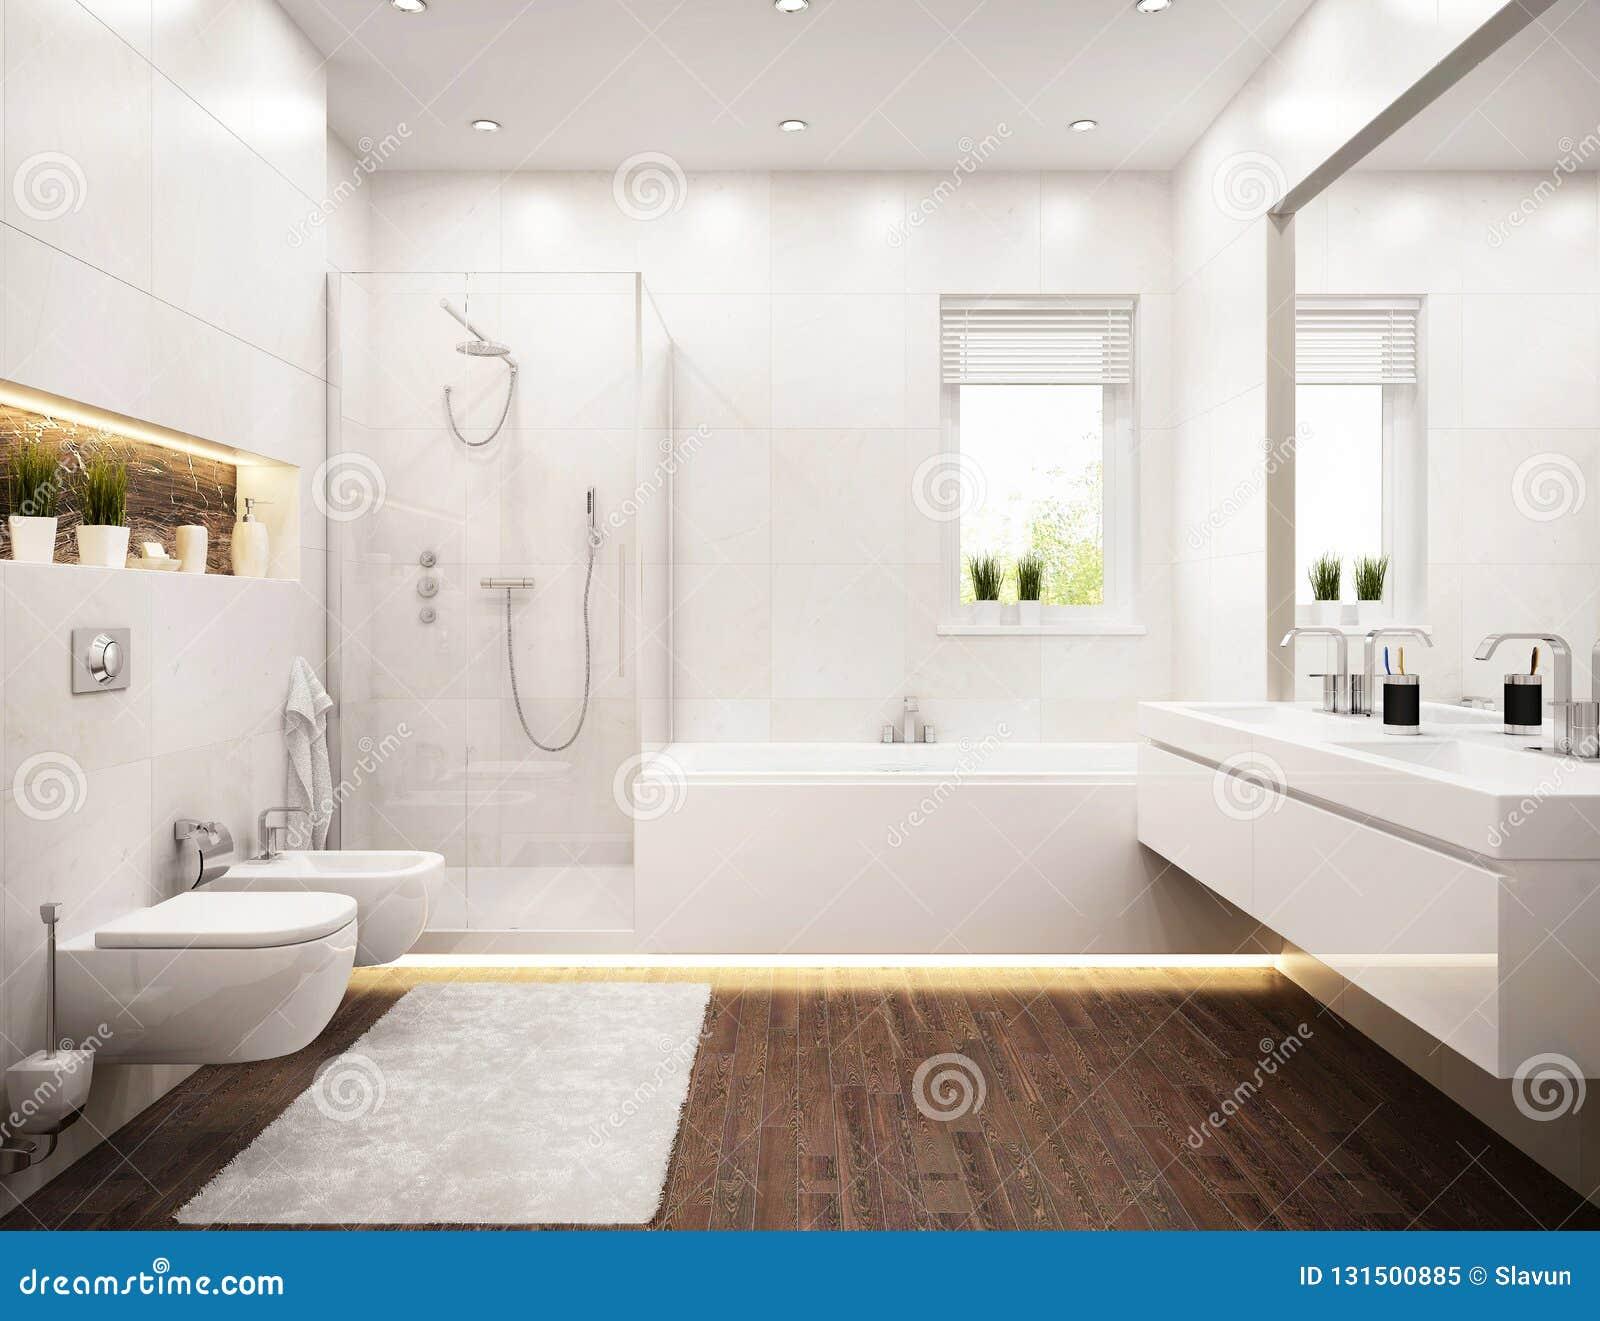 Fenetre Salle De Bain conception intérieure de la salle de bains blanche avec la